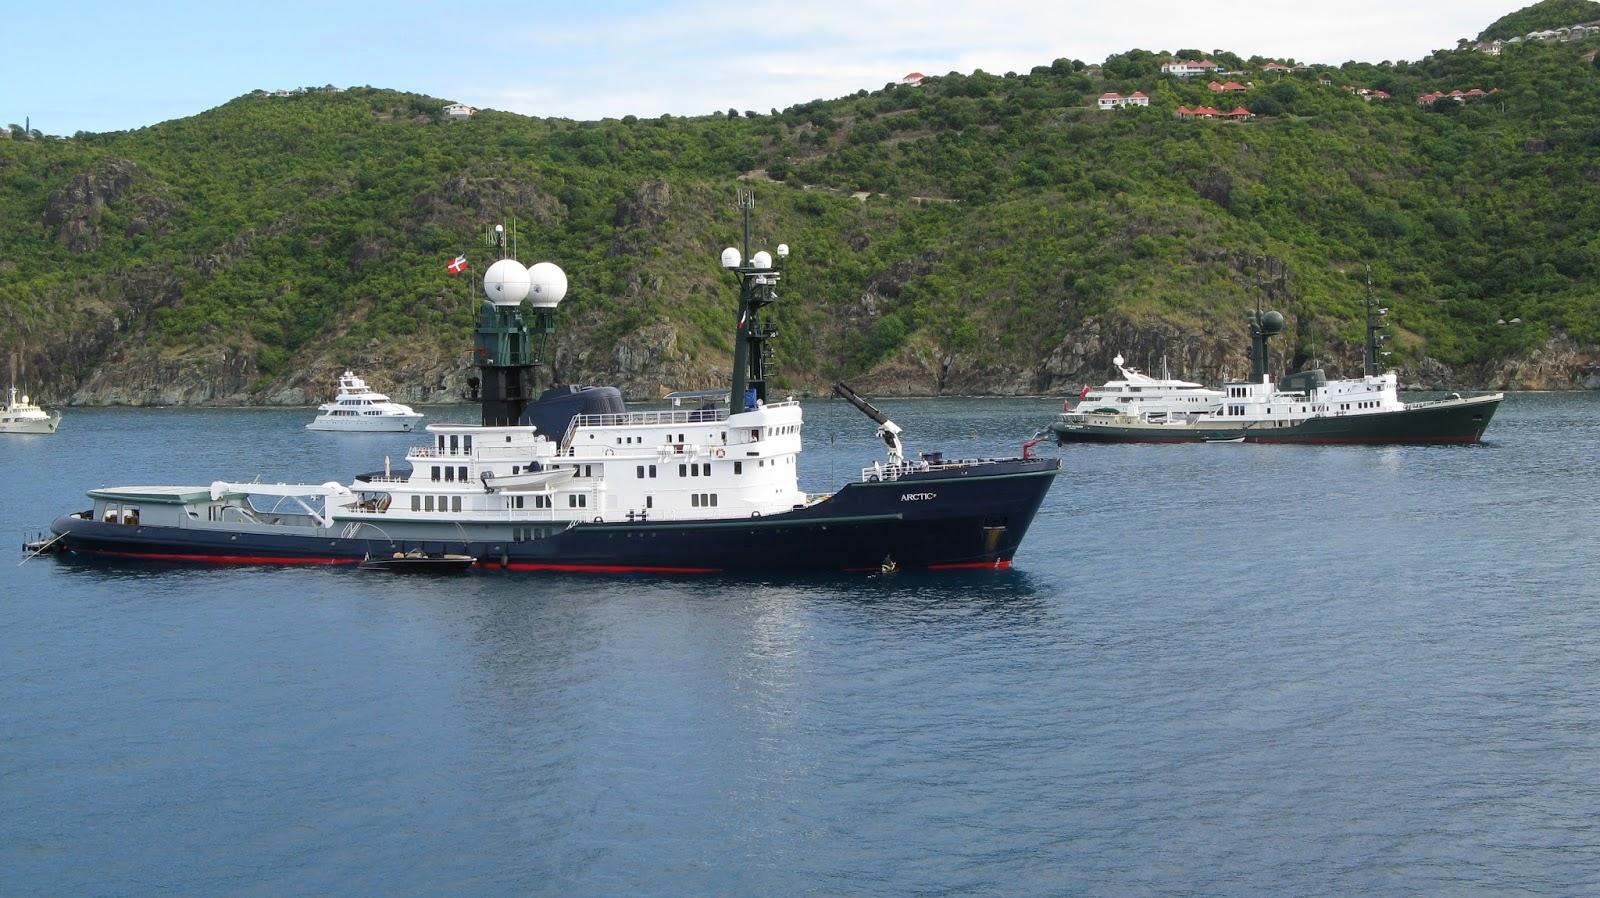 Superyacht ARCTIC P